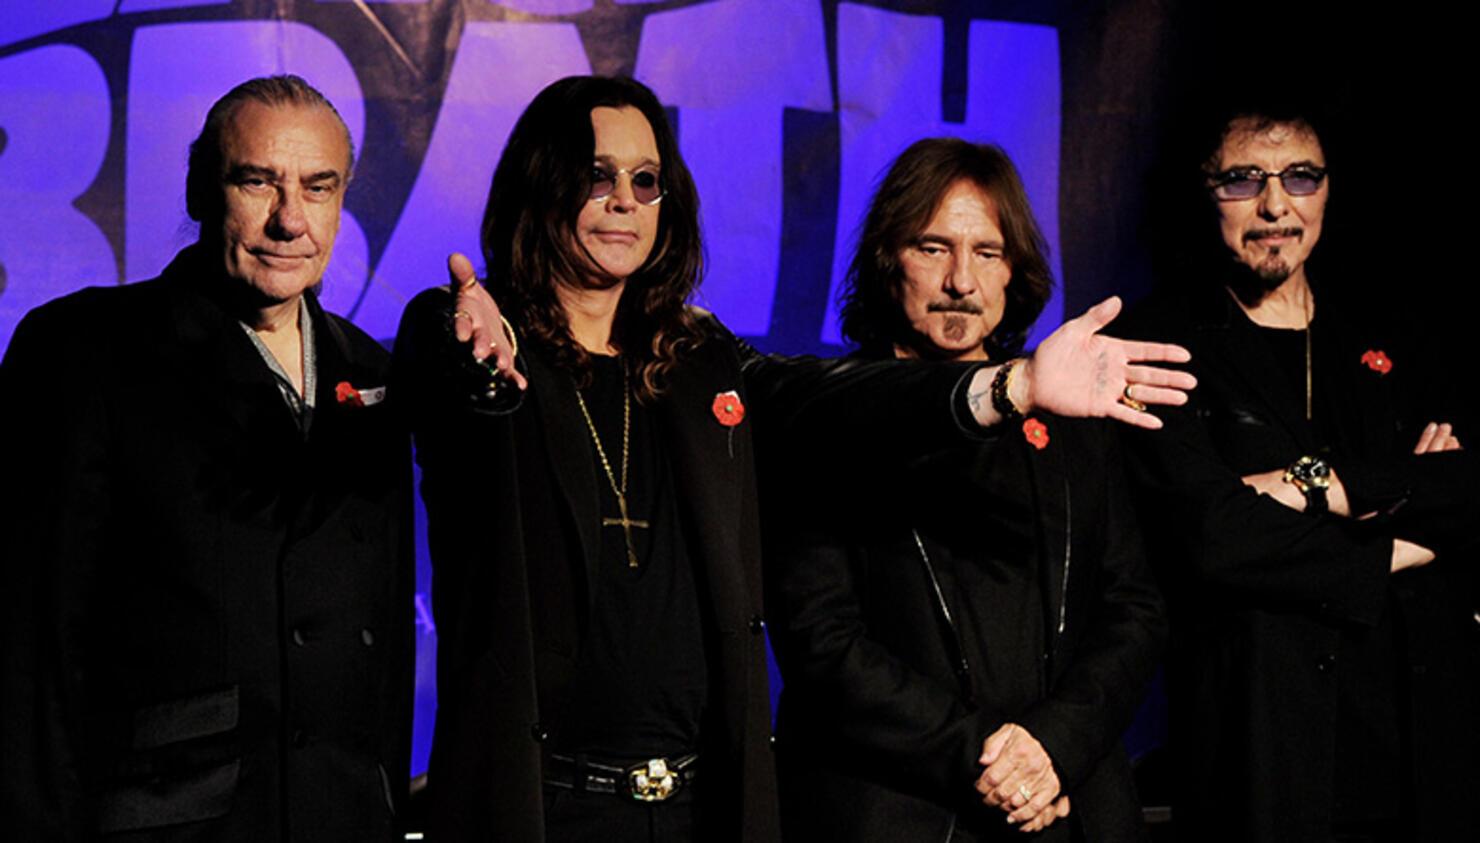 Bill Ward Remembers Black Sabbath's Early Days